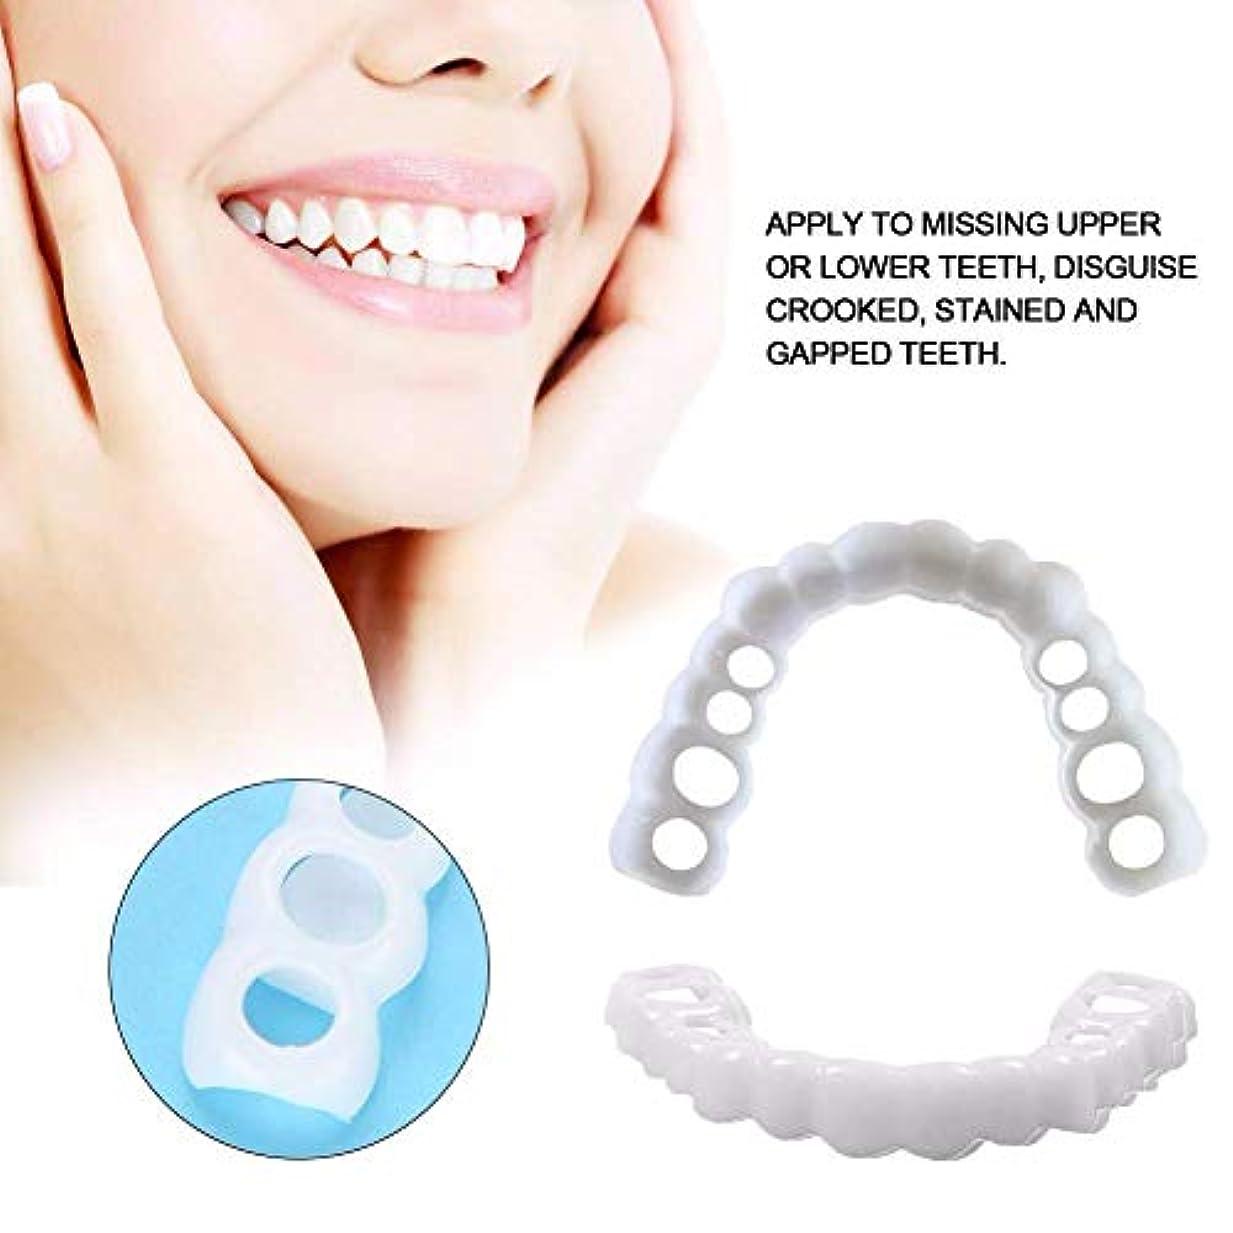 間に合わせアソシエイト修復男性用化粧品パーフェクトスマイルトップとボトムの快適な偽歯スナップホワイトニング義歯ホワイトニング義歯(2pcs)